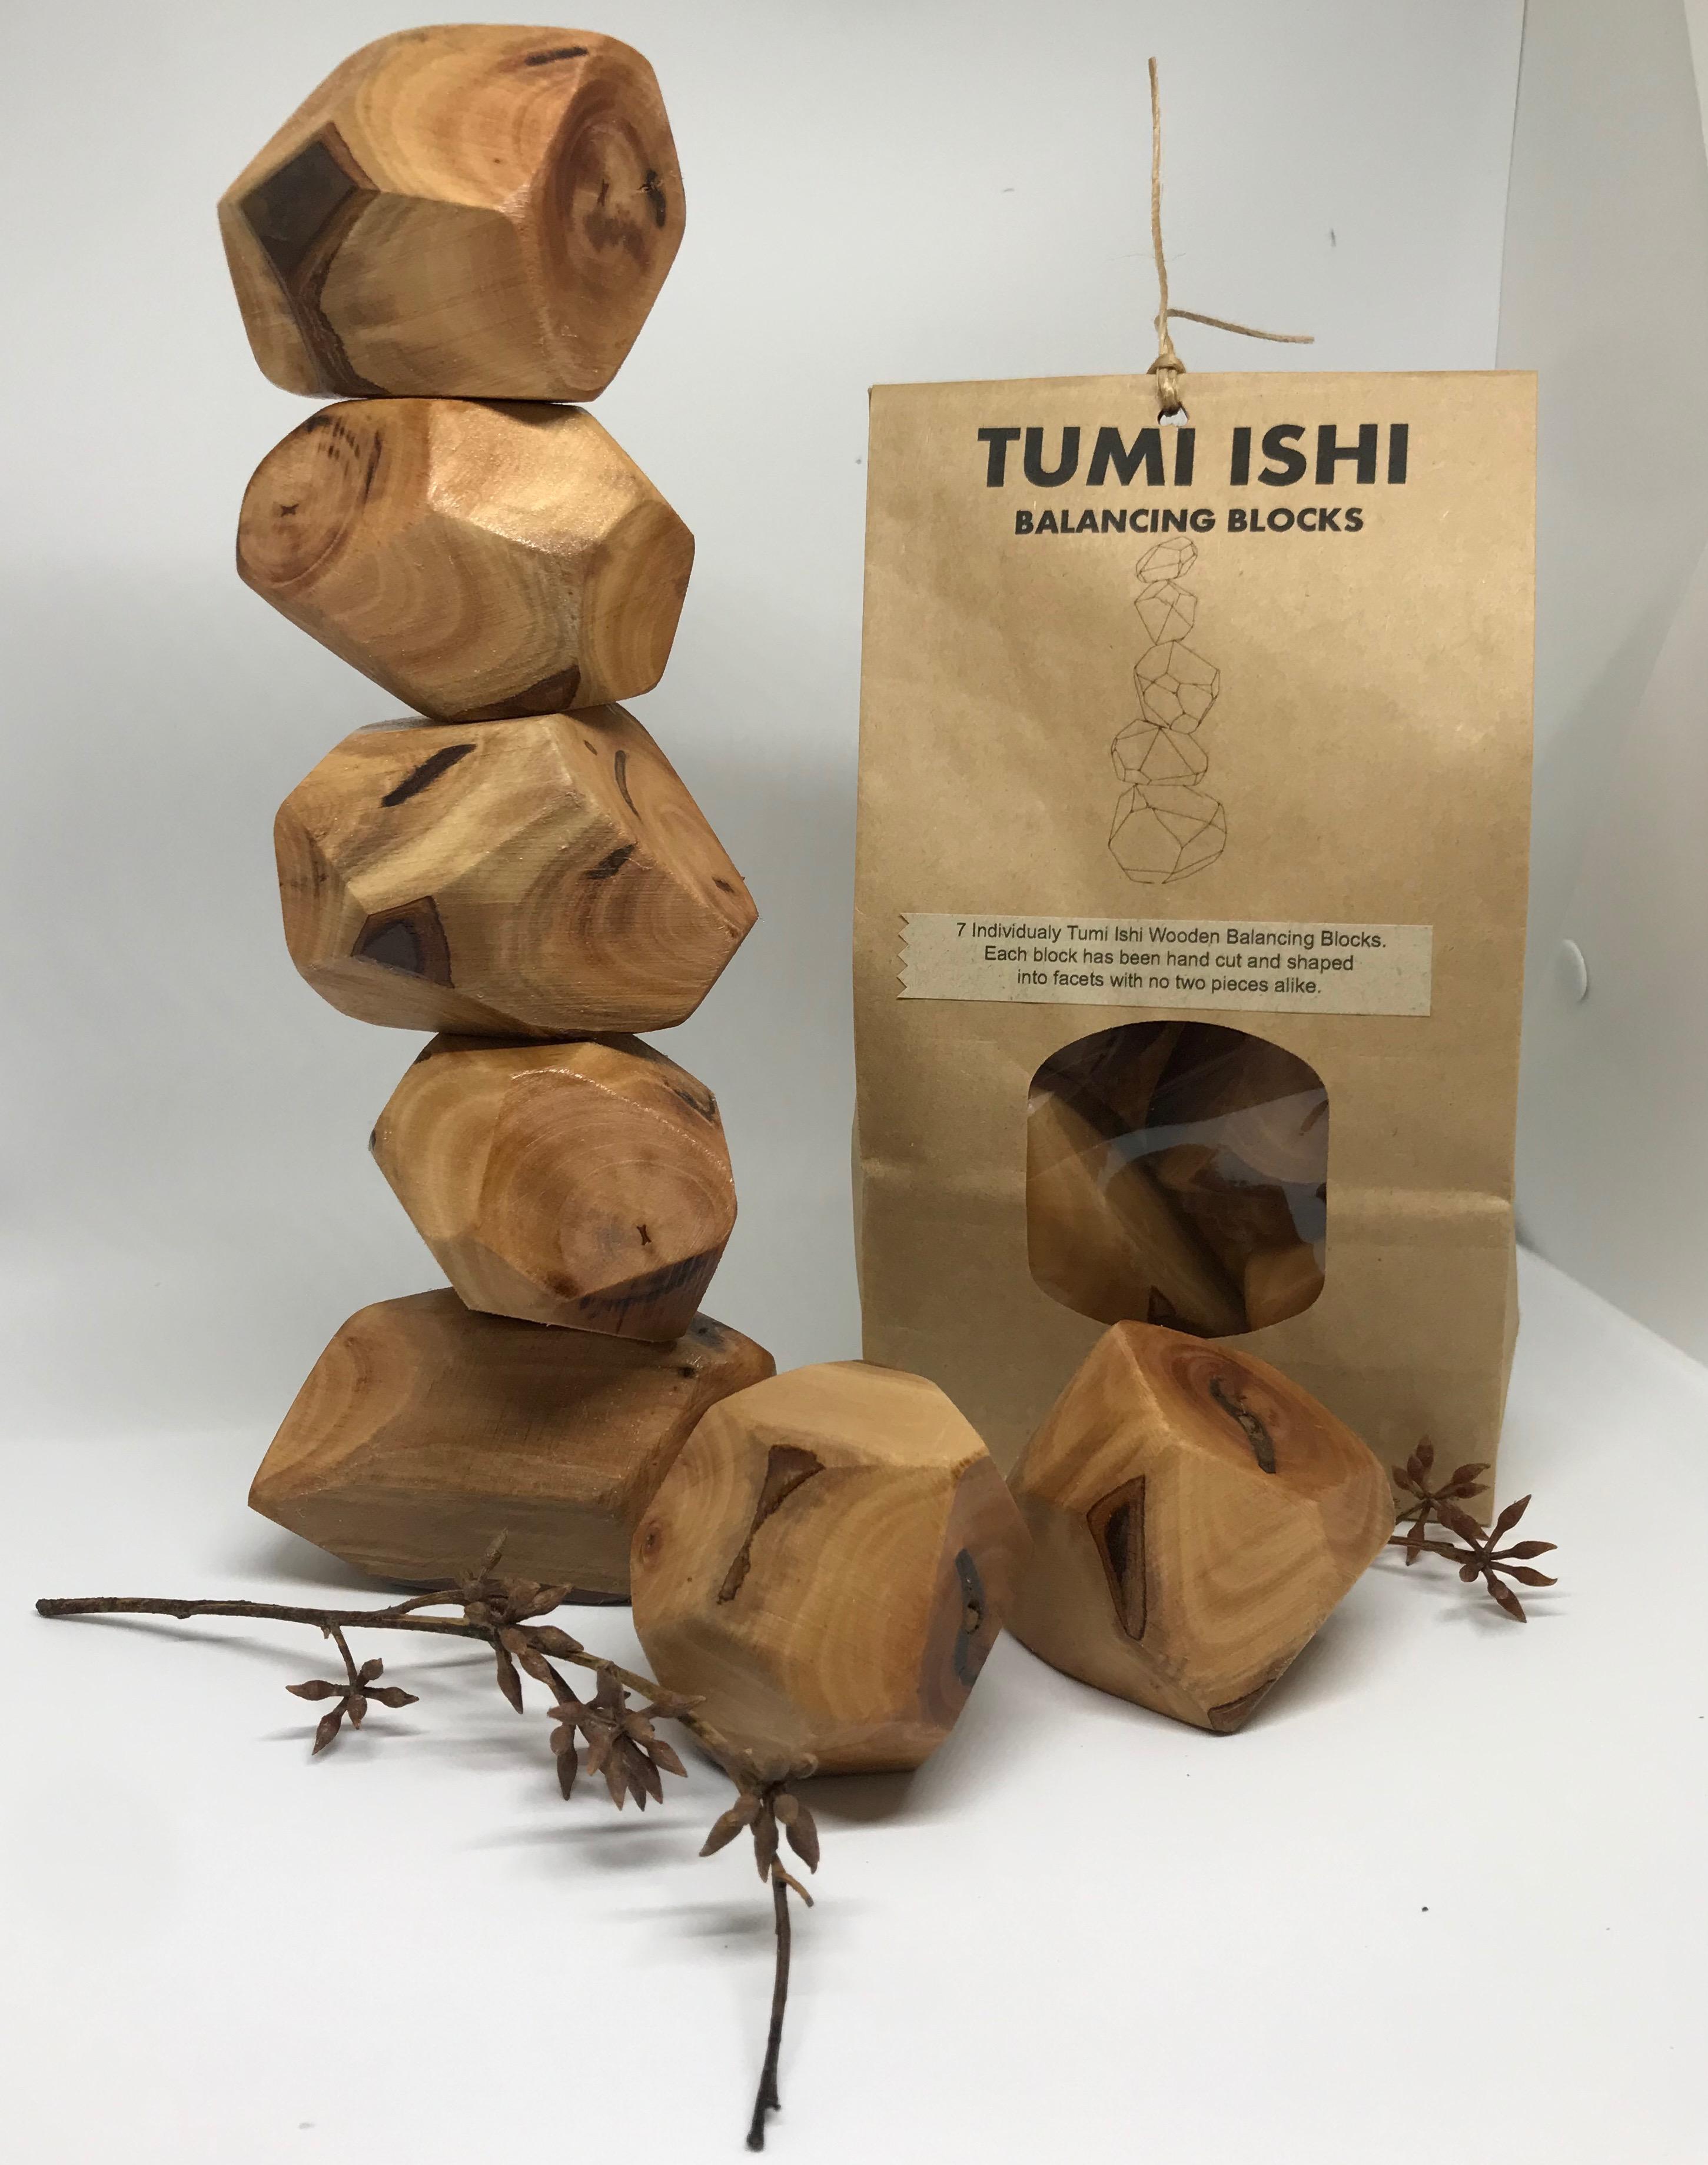 Tumi Ishi Blocks